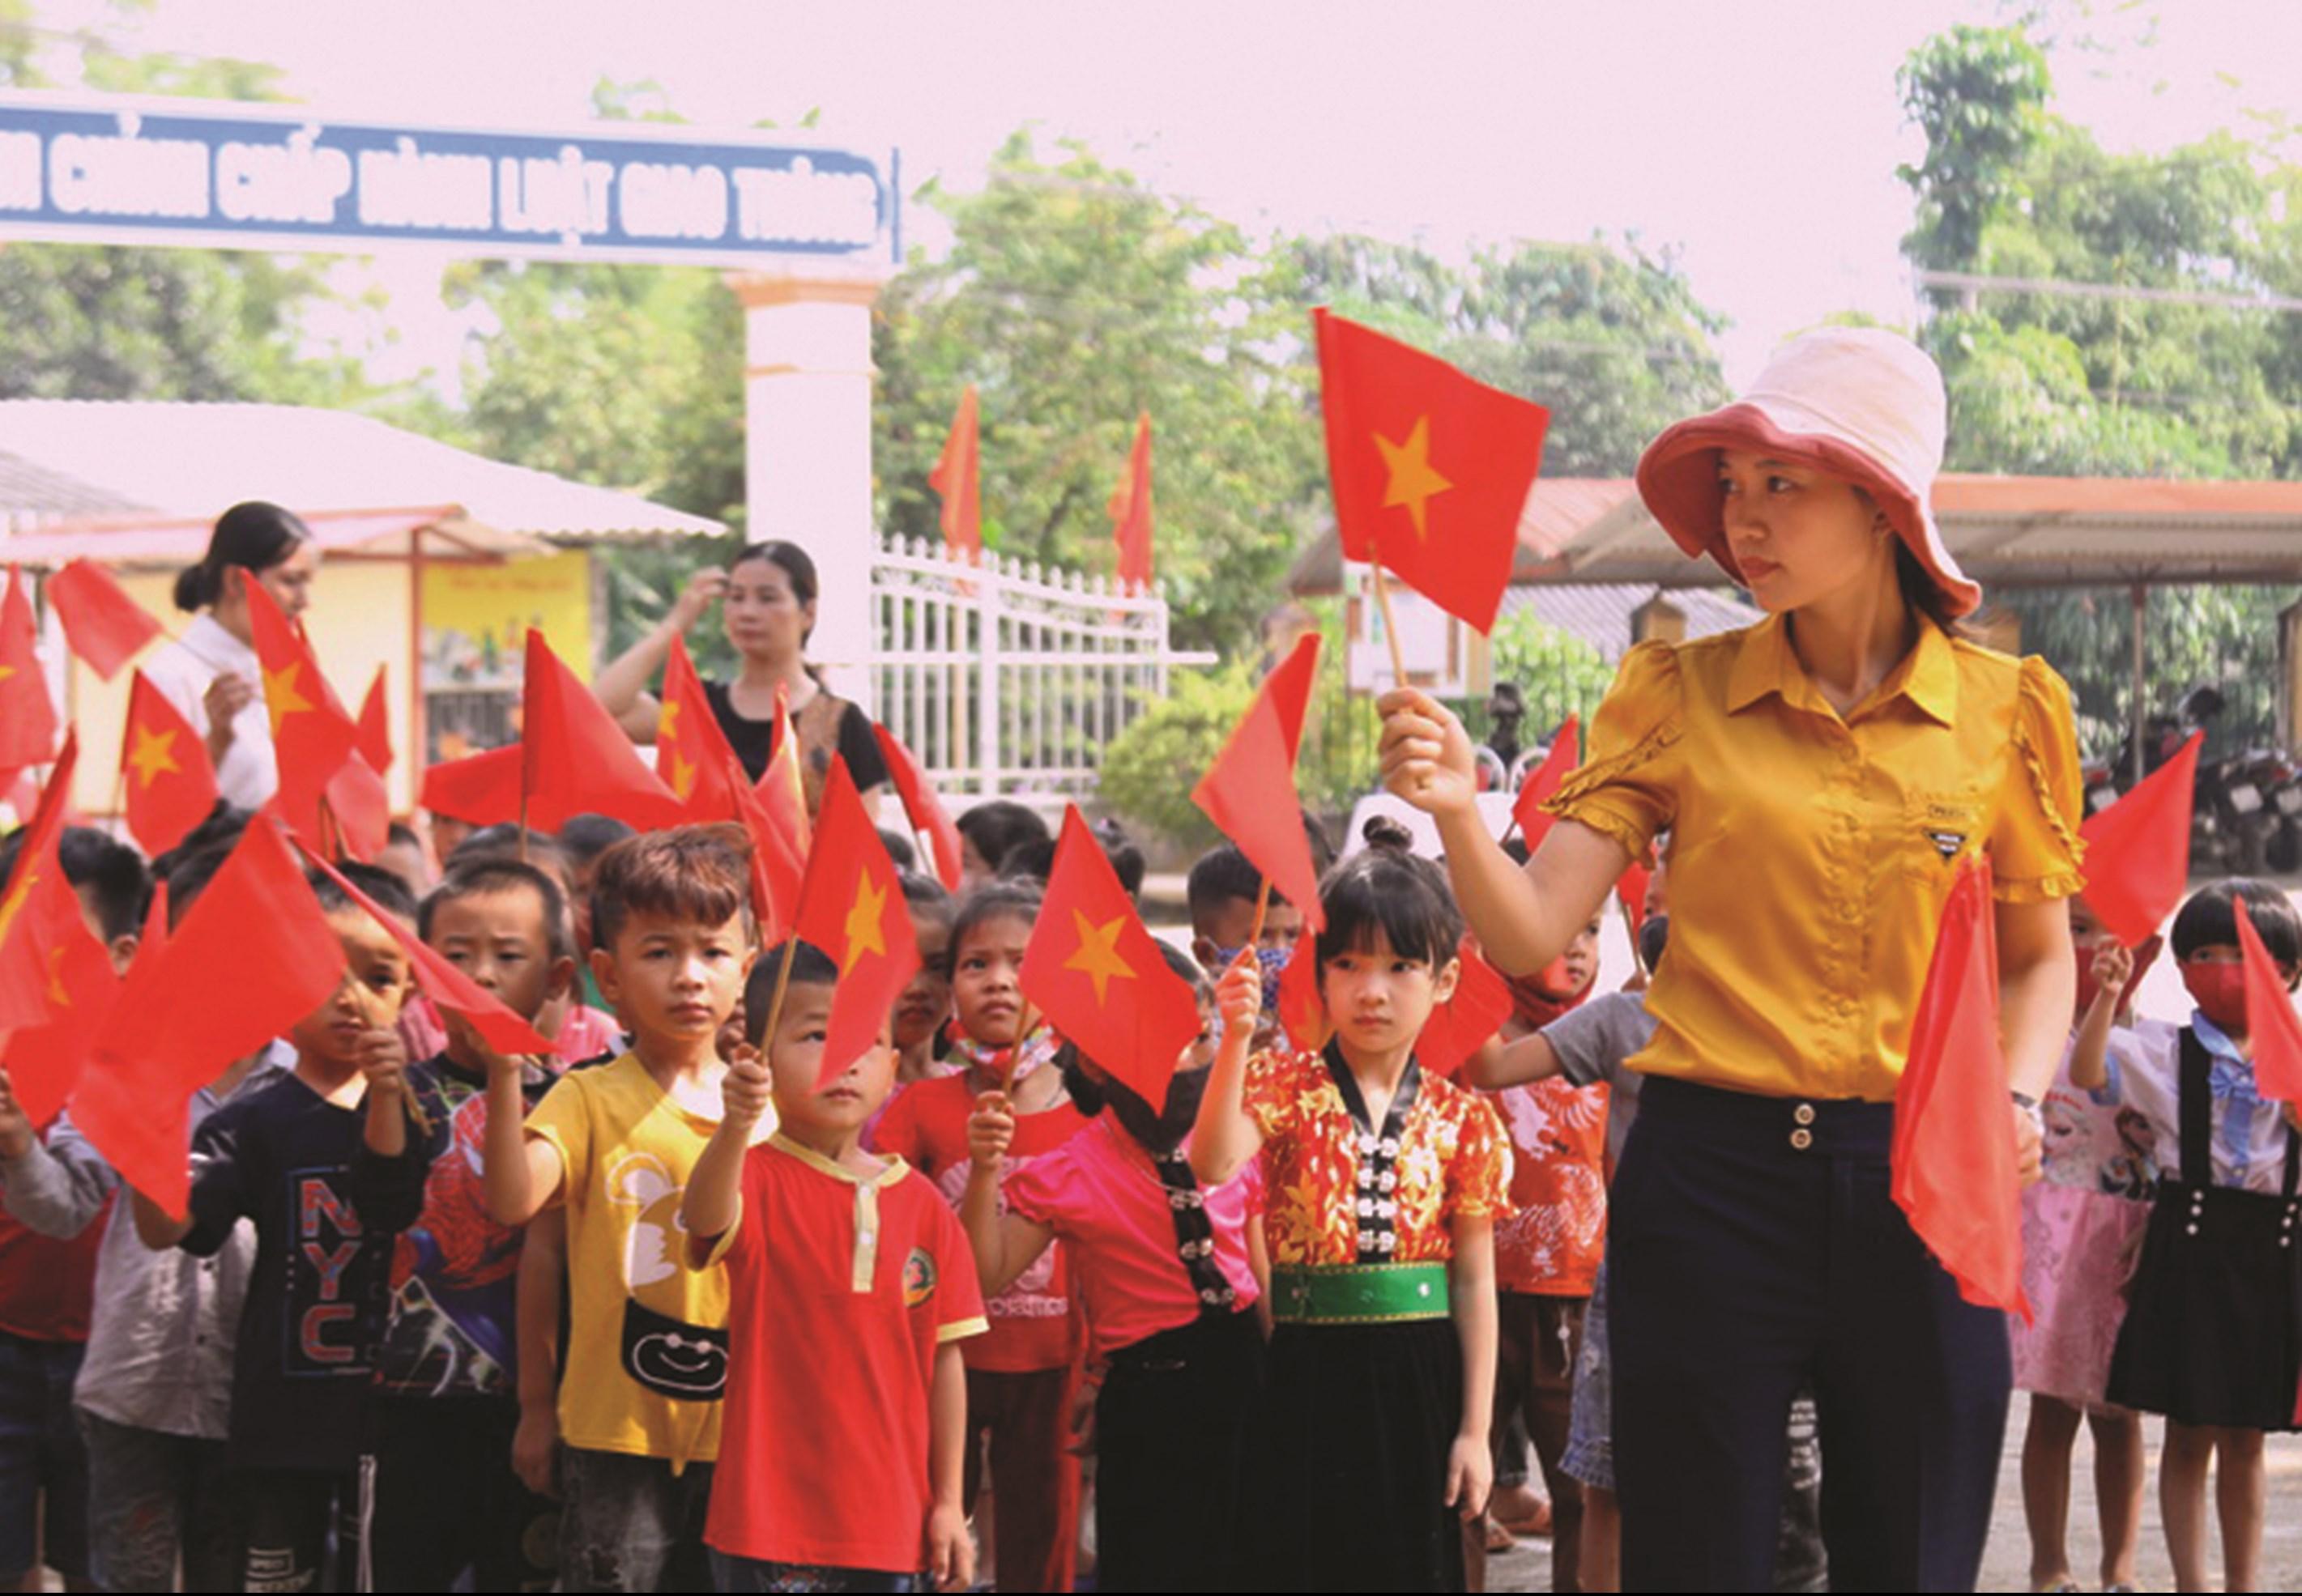 Tại Yên Bái, học sinh lớp 1 được giáo viên hướng dẫn để diễu hành khối đầu cấp trong Lễ khai giảng. (Ảnh TL)